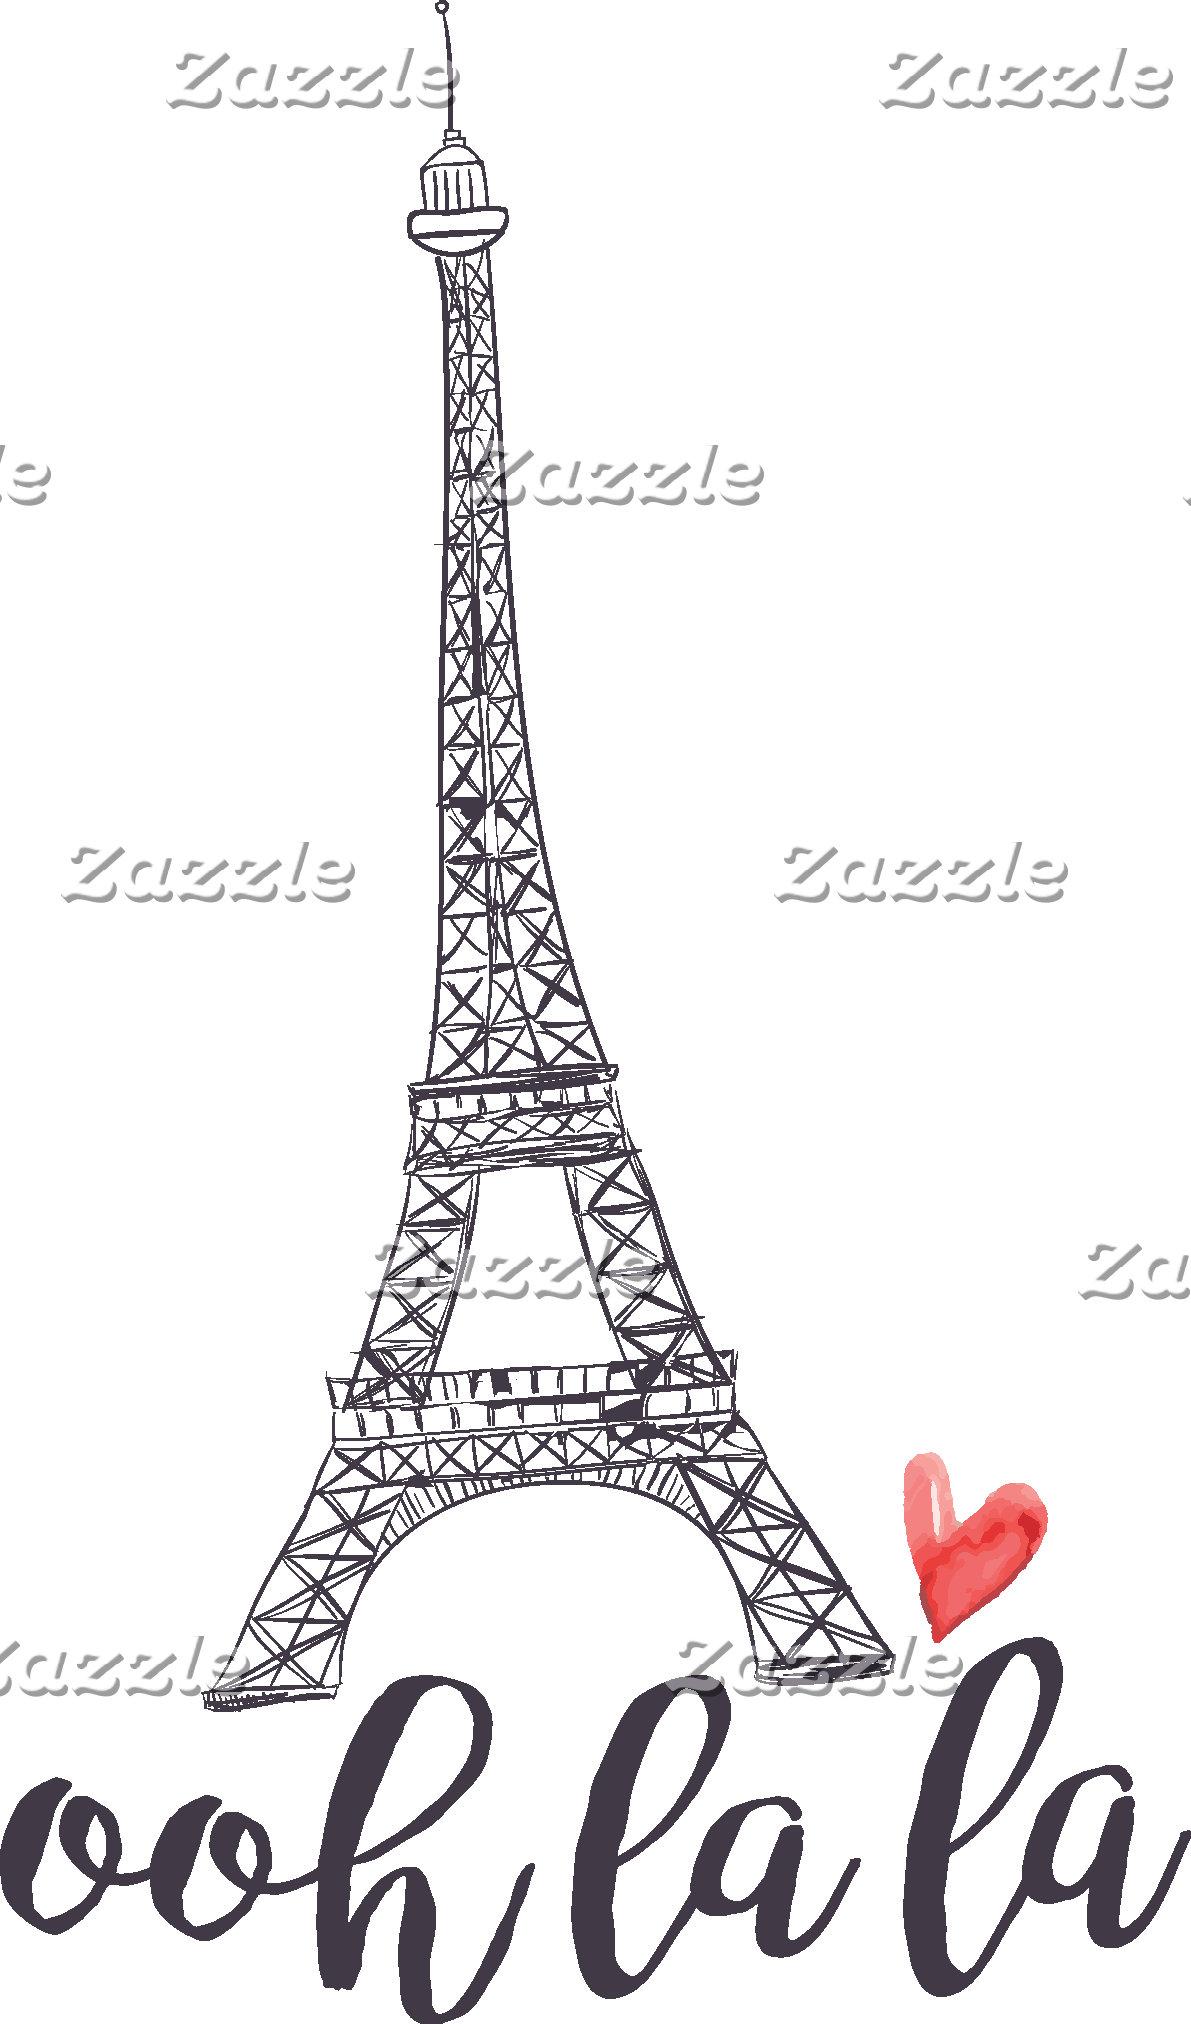 Ooh la la Paris